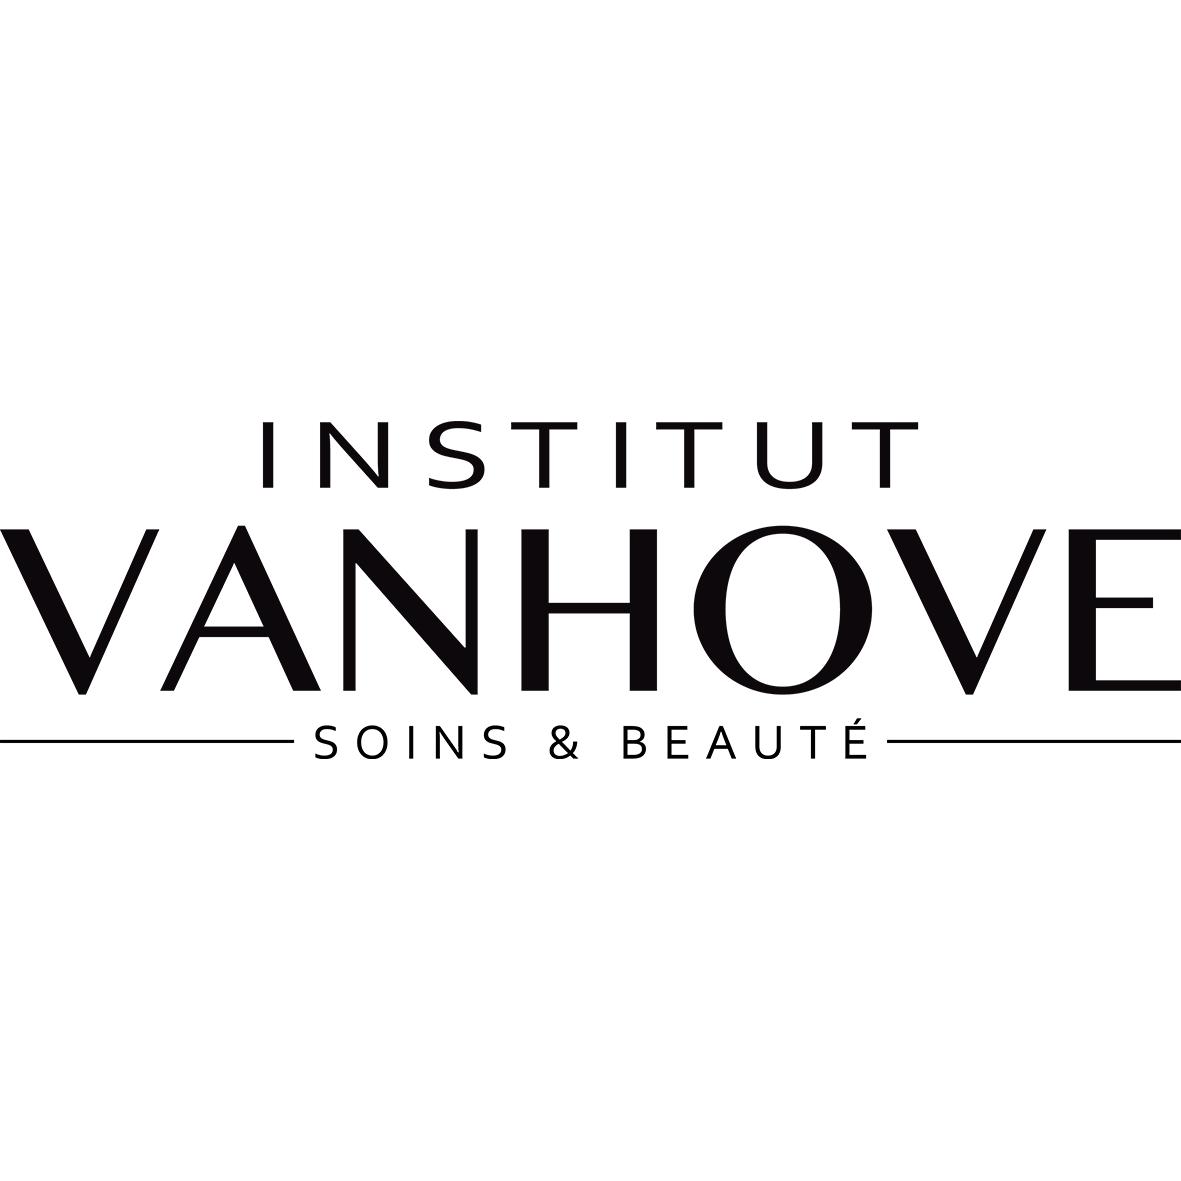 VAN HOVE INSTITUT